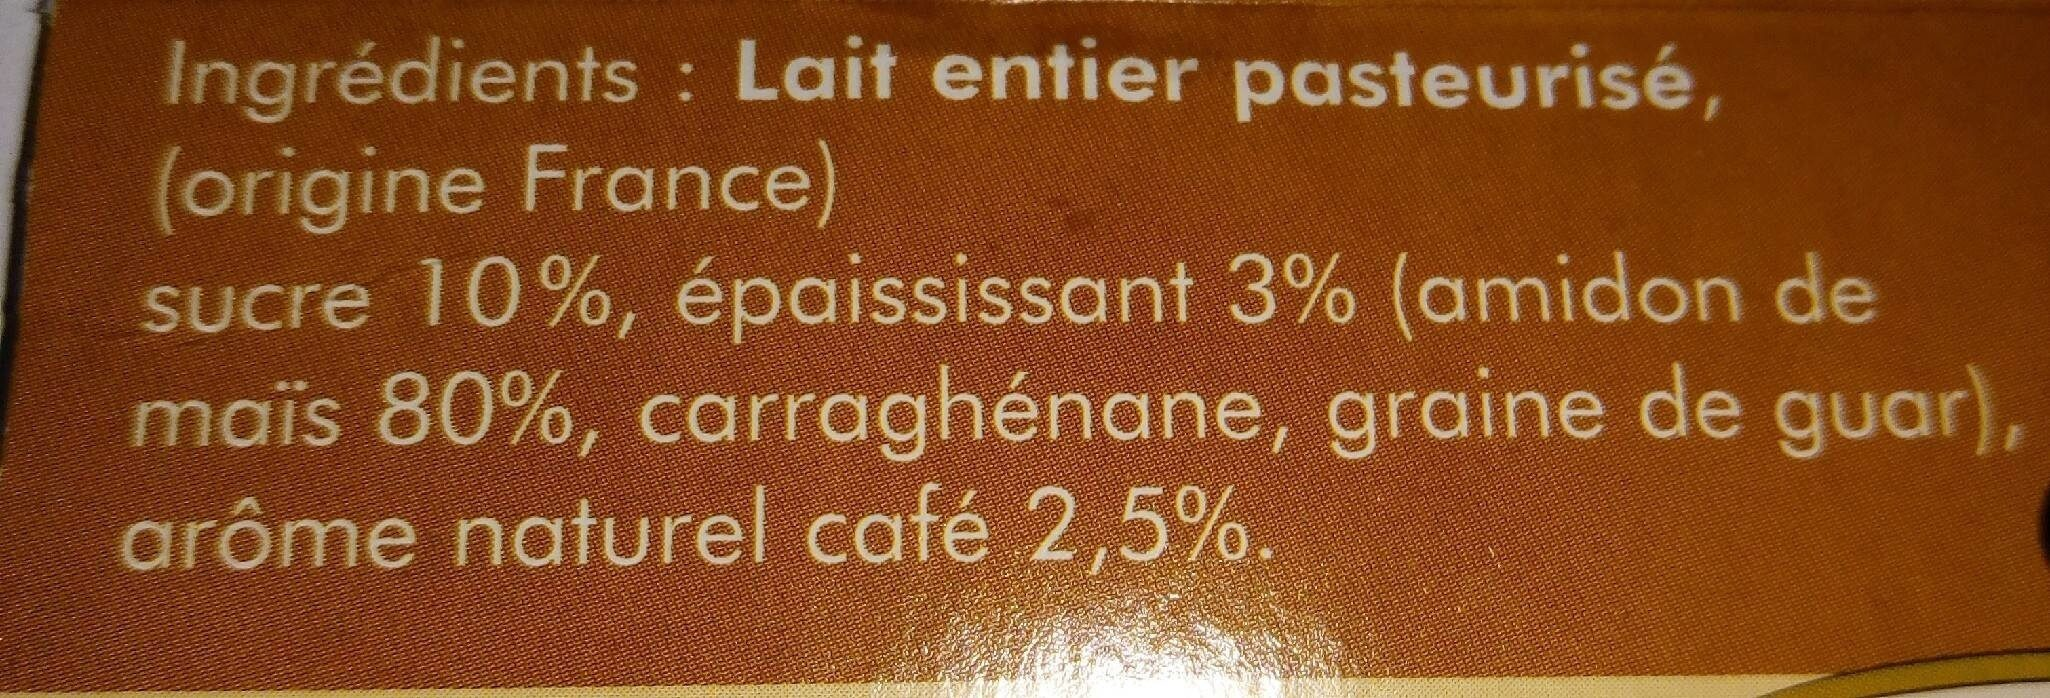 Crème dessert café - Nutrition facts